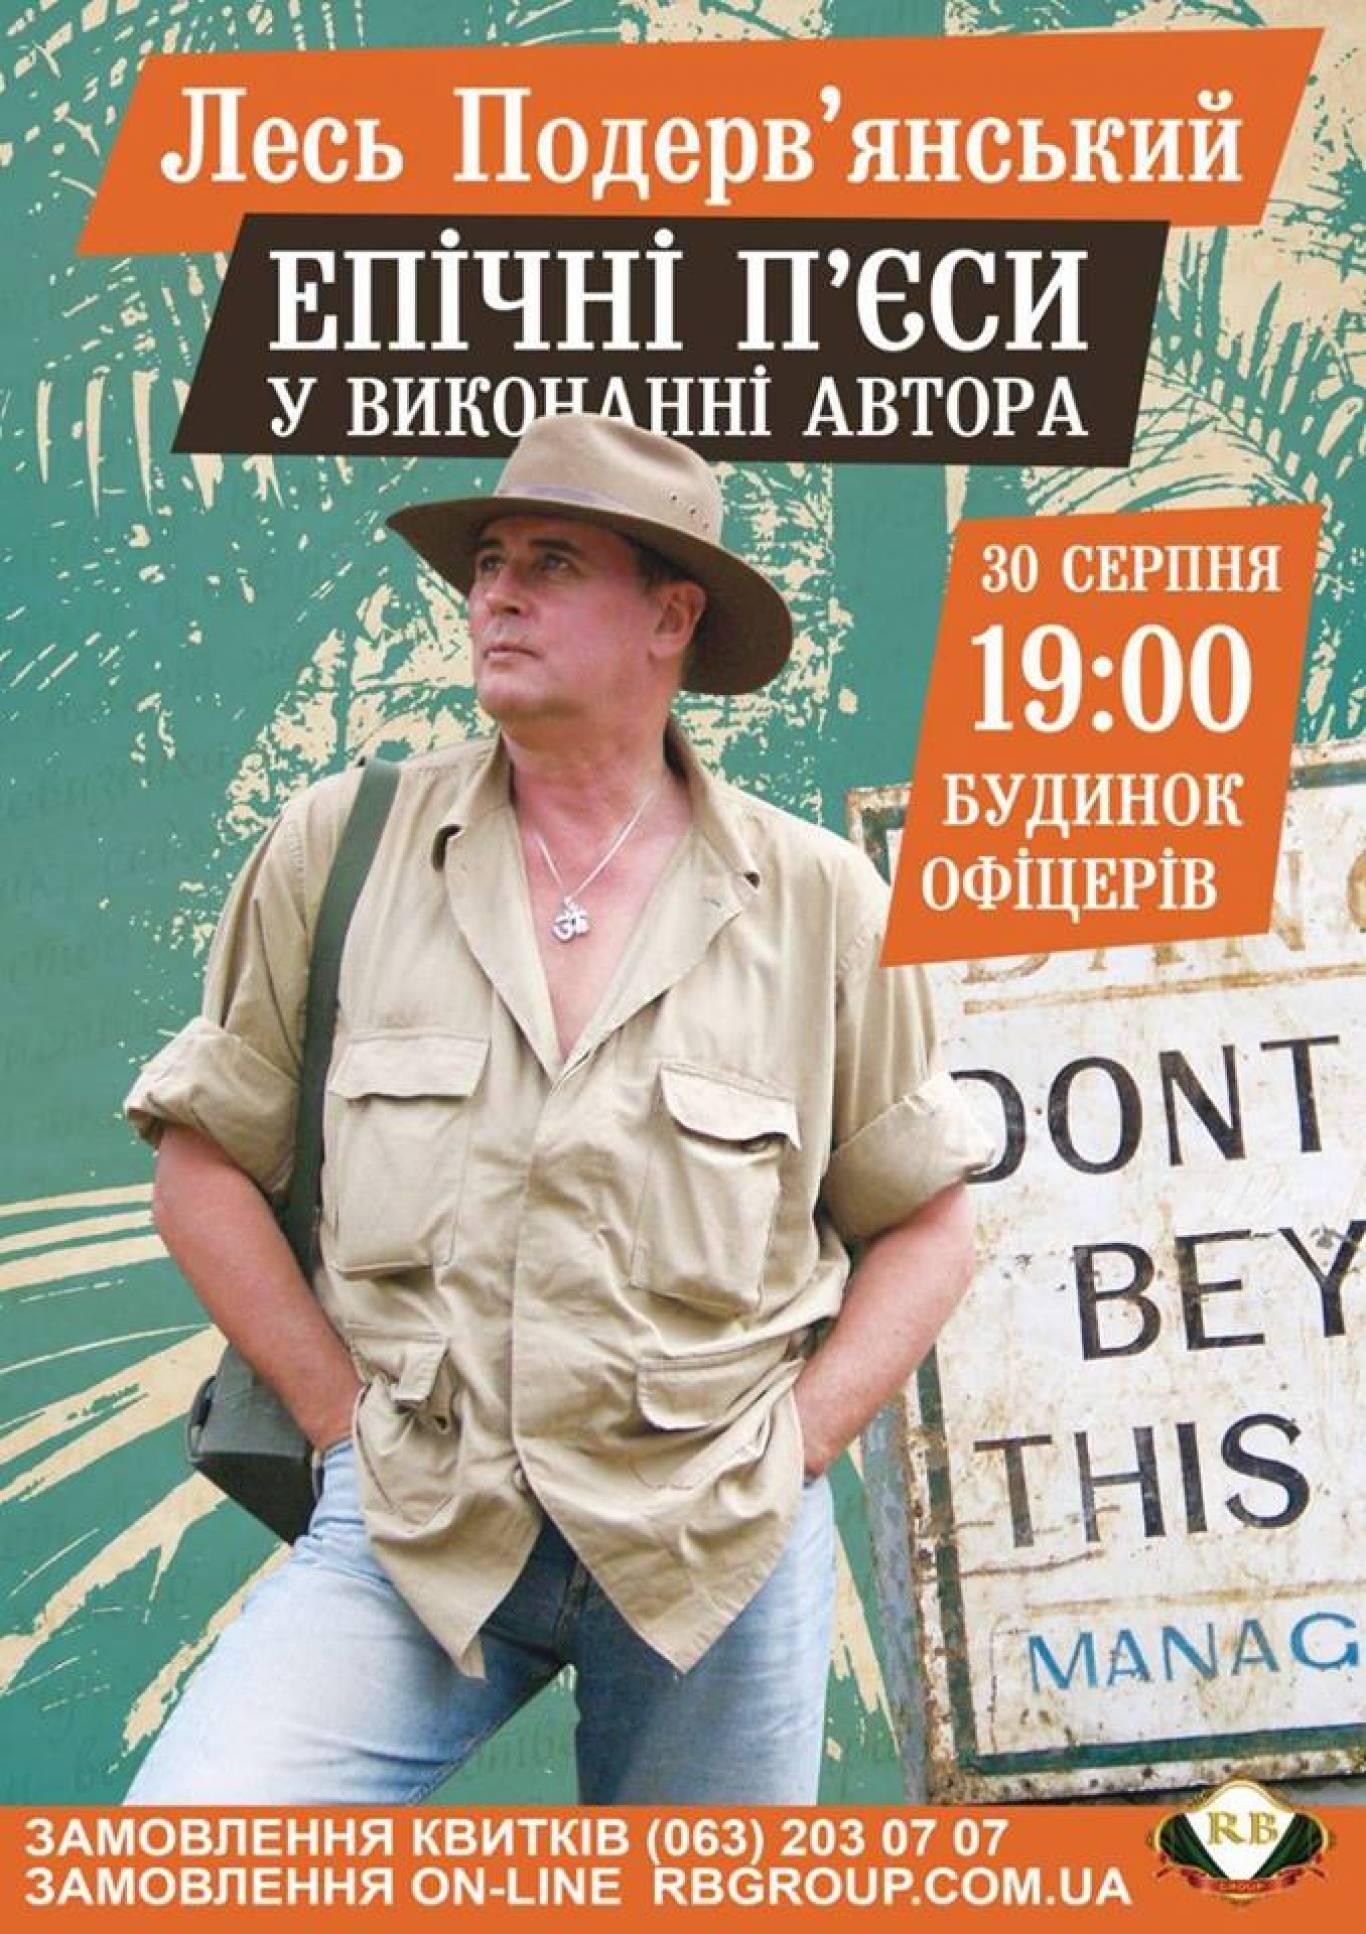 """Лесь Подерв'янський """"Епічні п'єси у виконанні автора"""""""